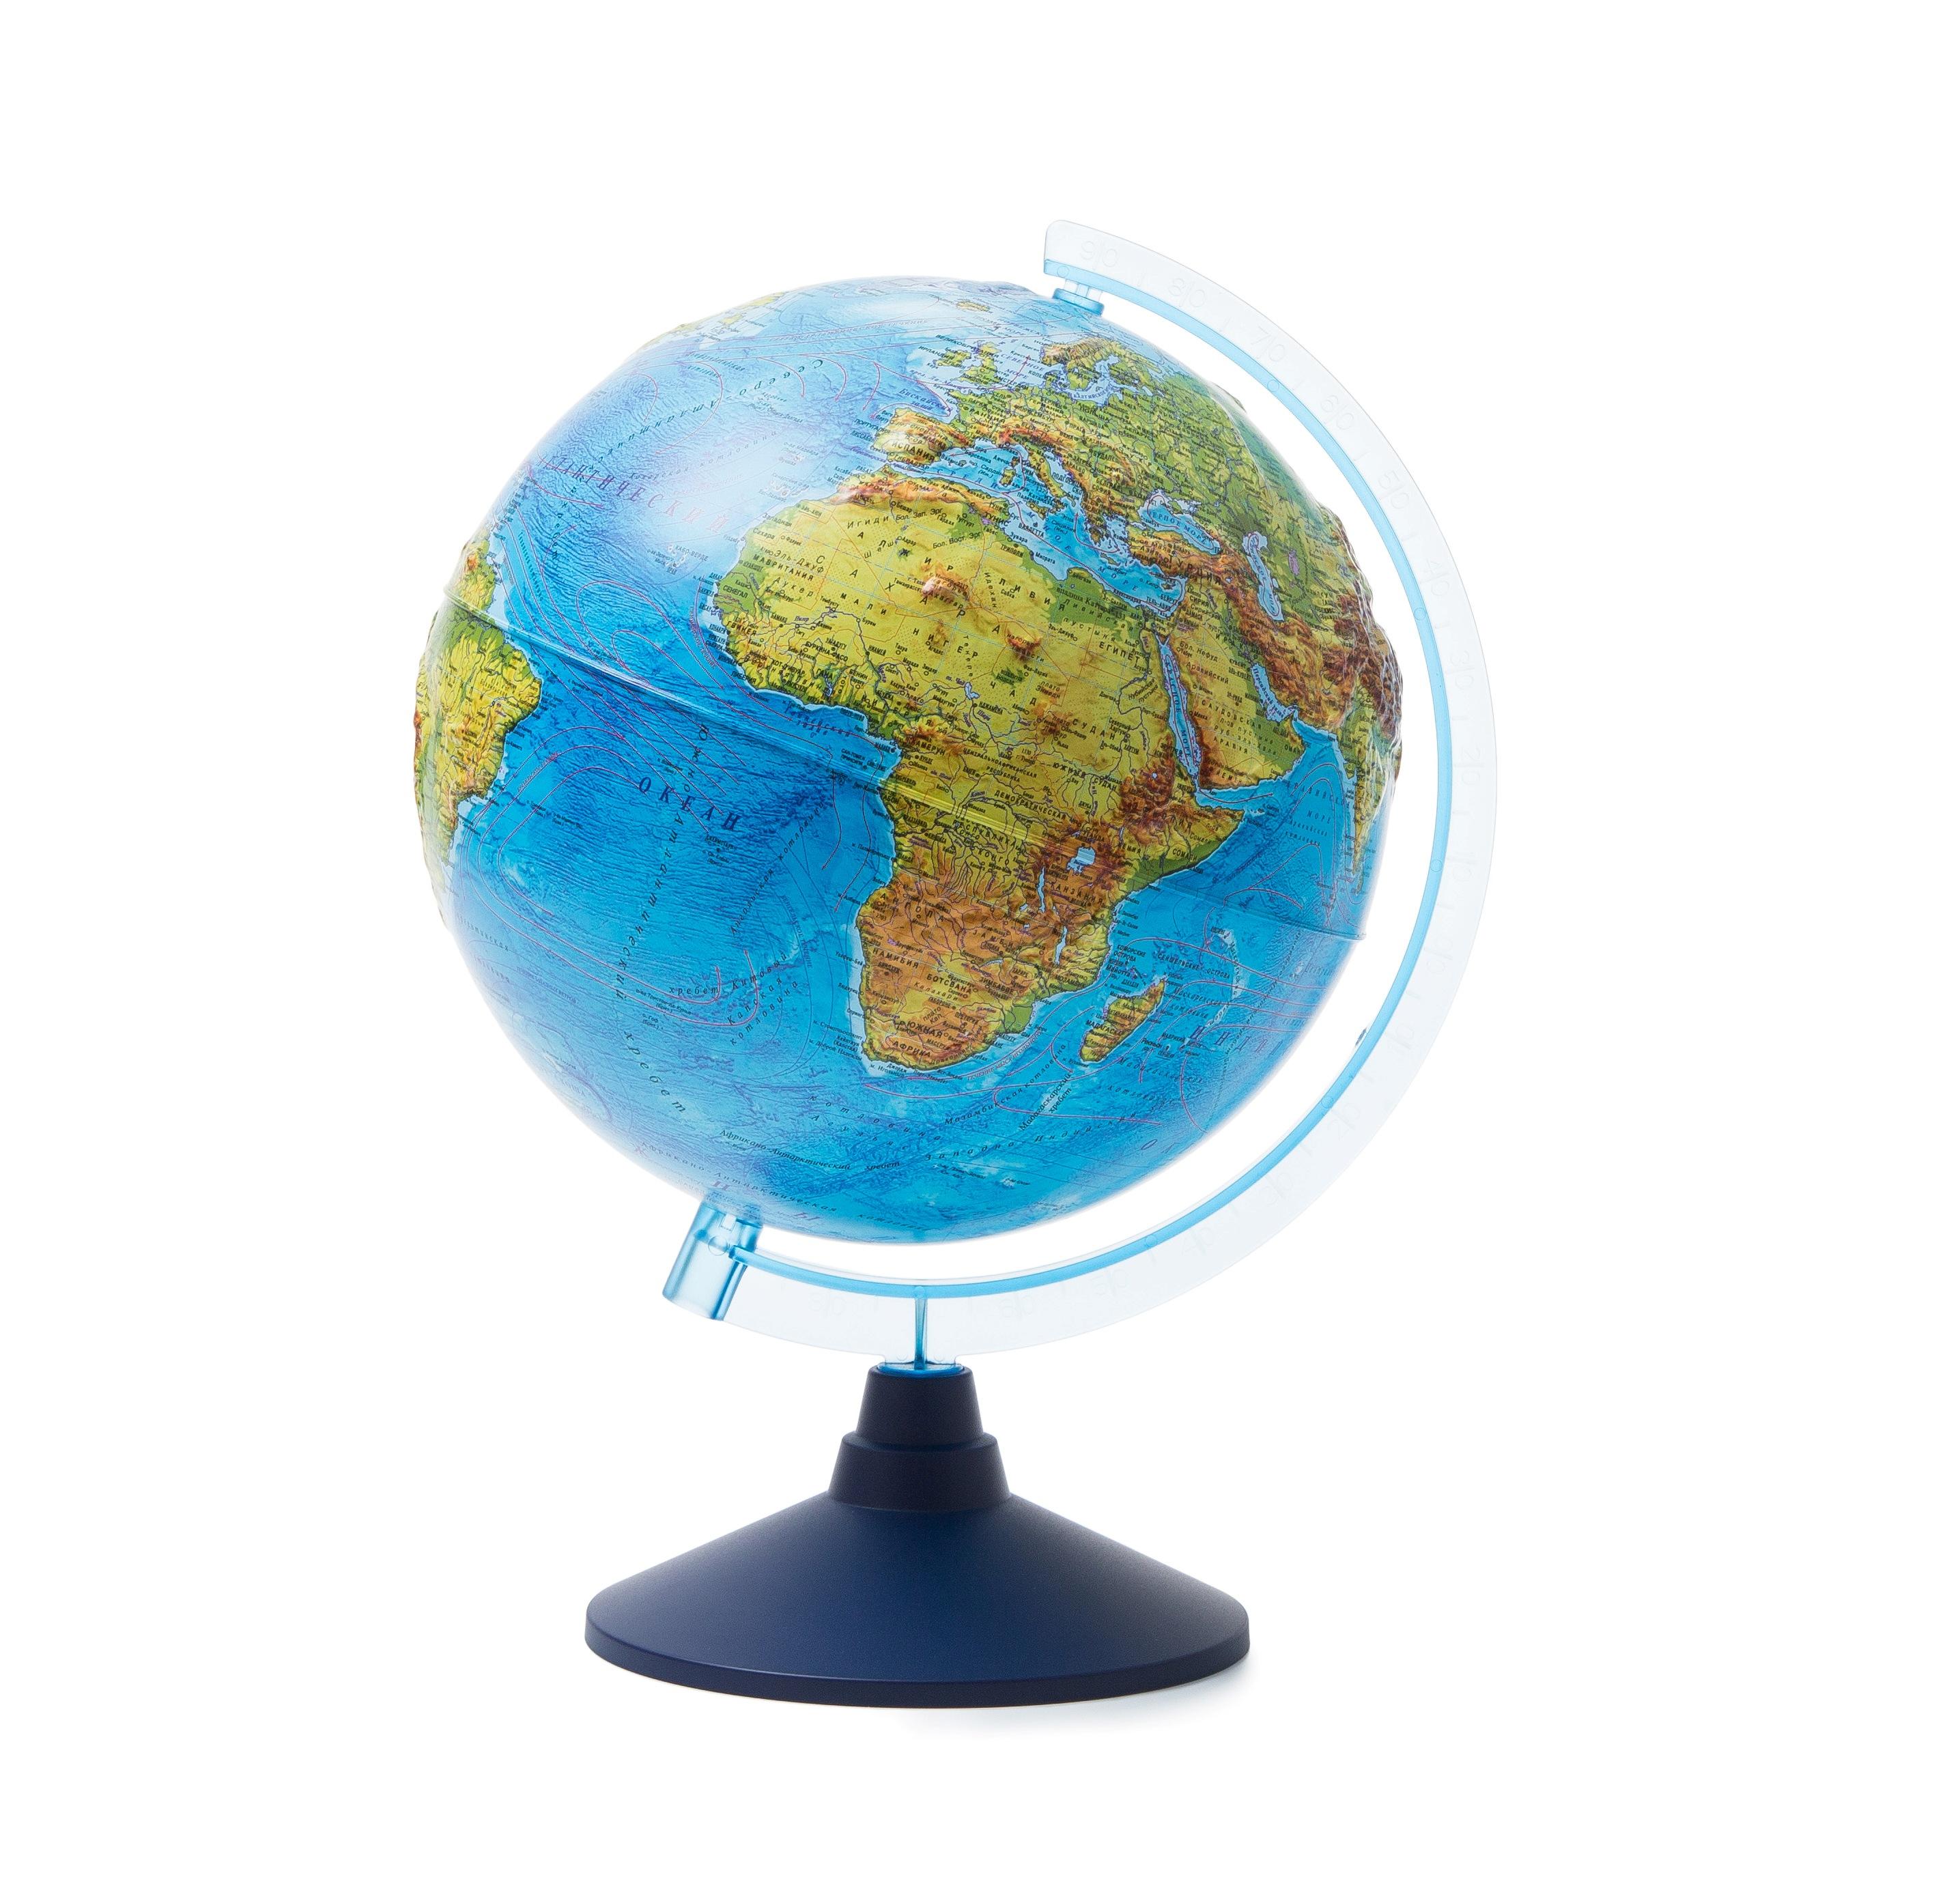 Глобус Globen Земли физический рельефный, диаметр 250 мм все цены